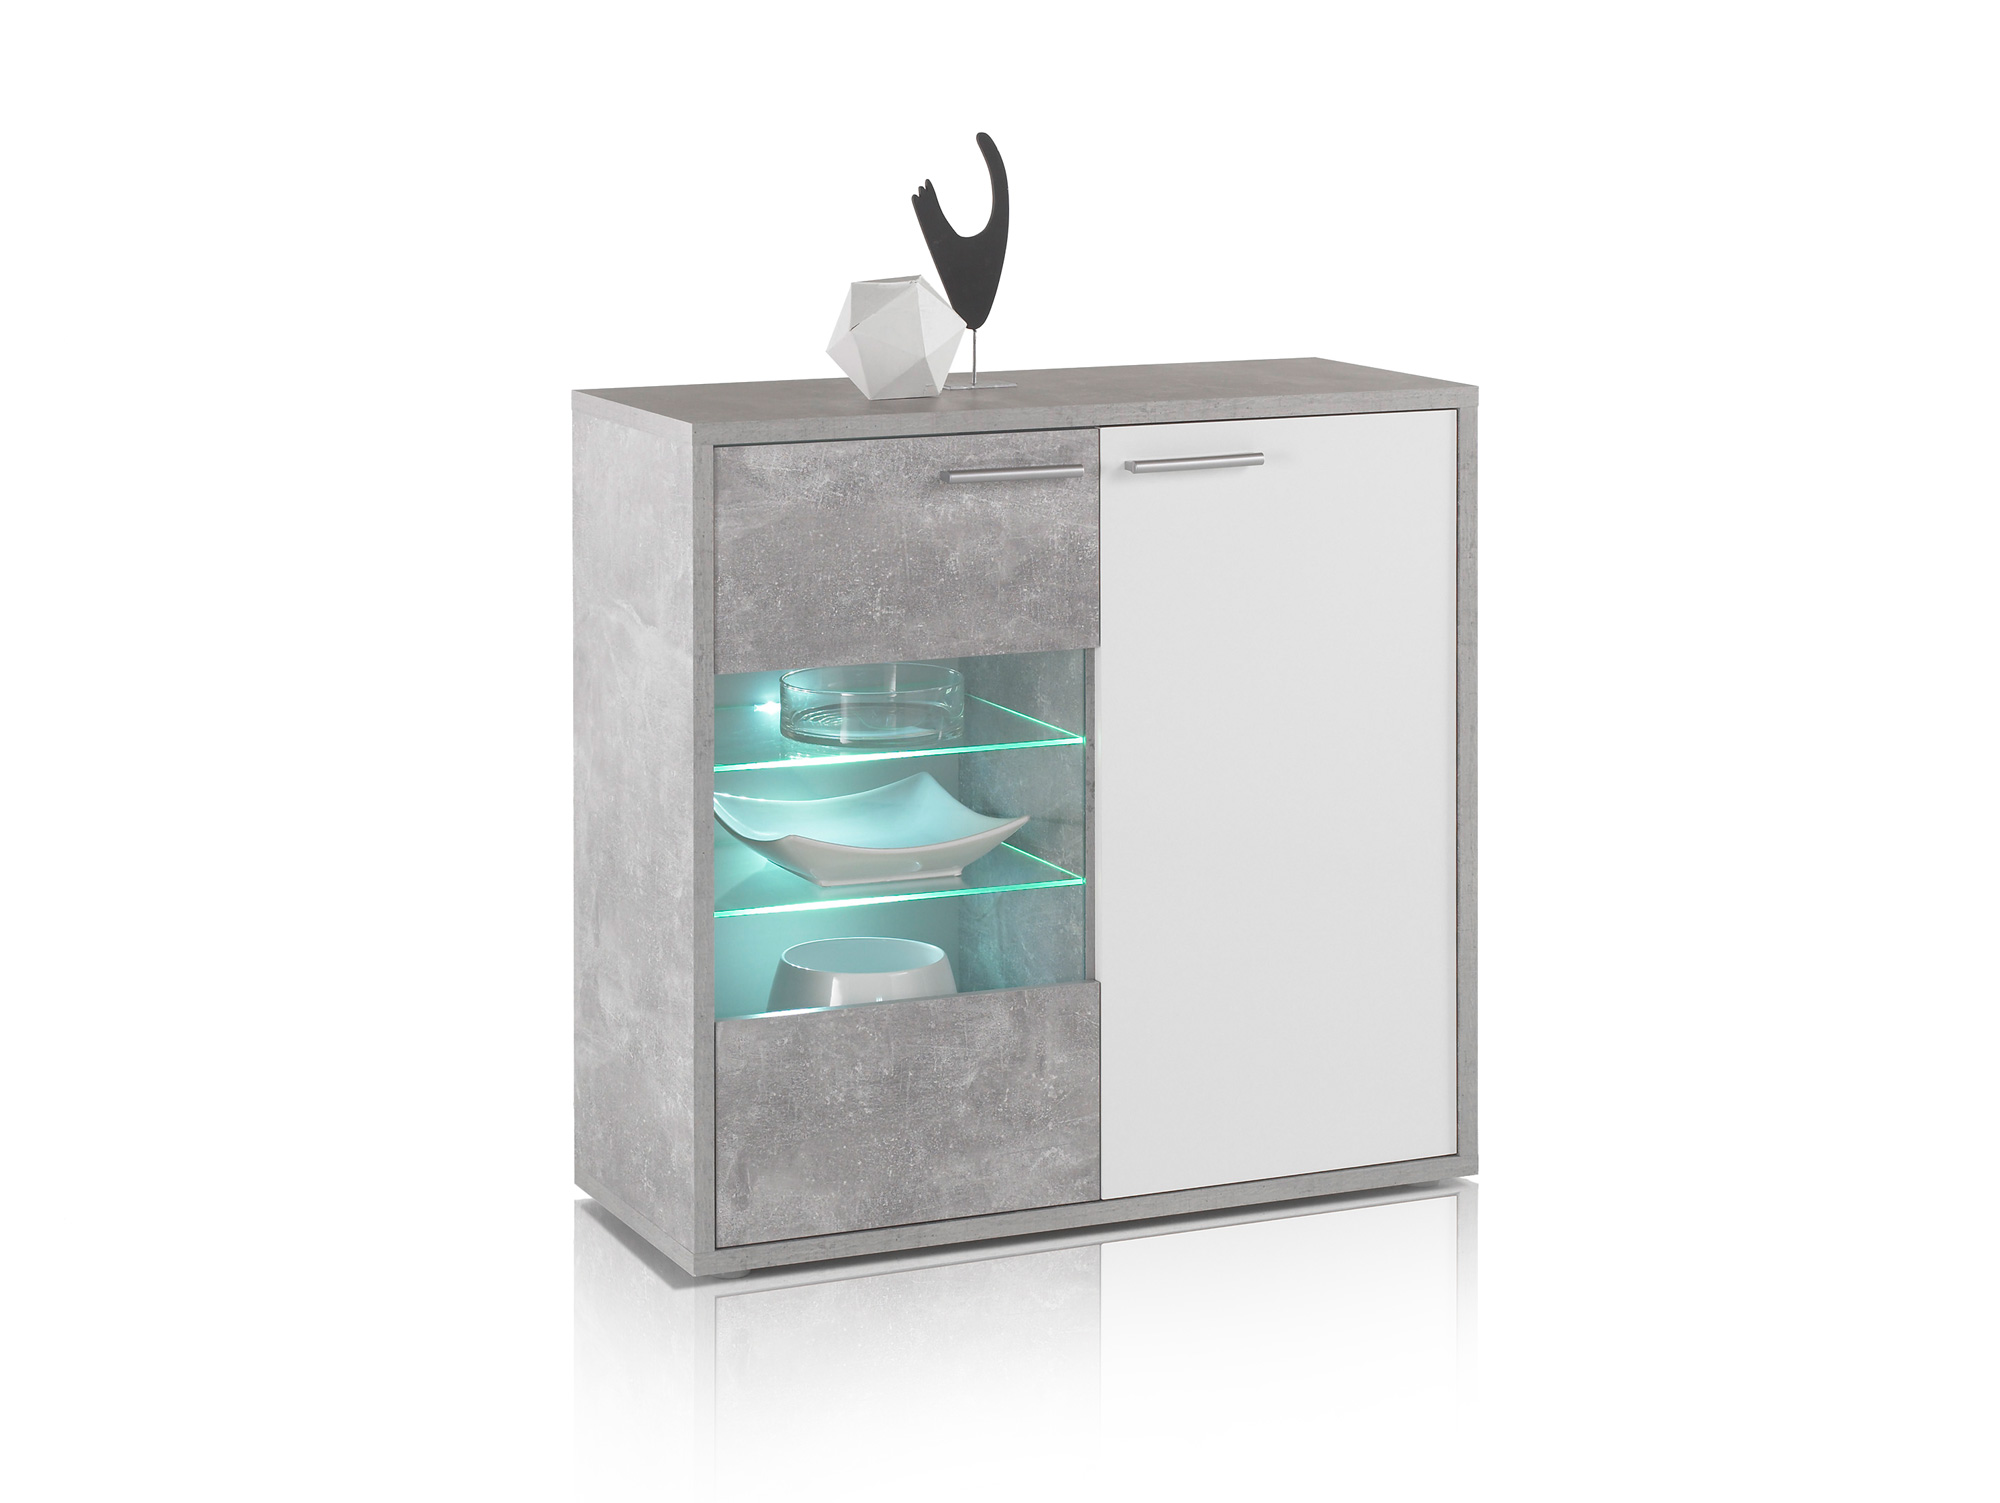 Gläserschrank maric gläserschrank beton weiß